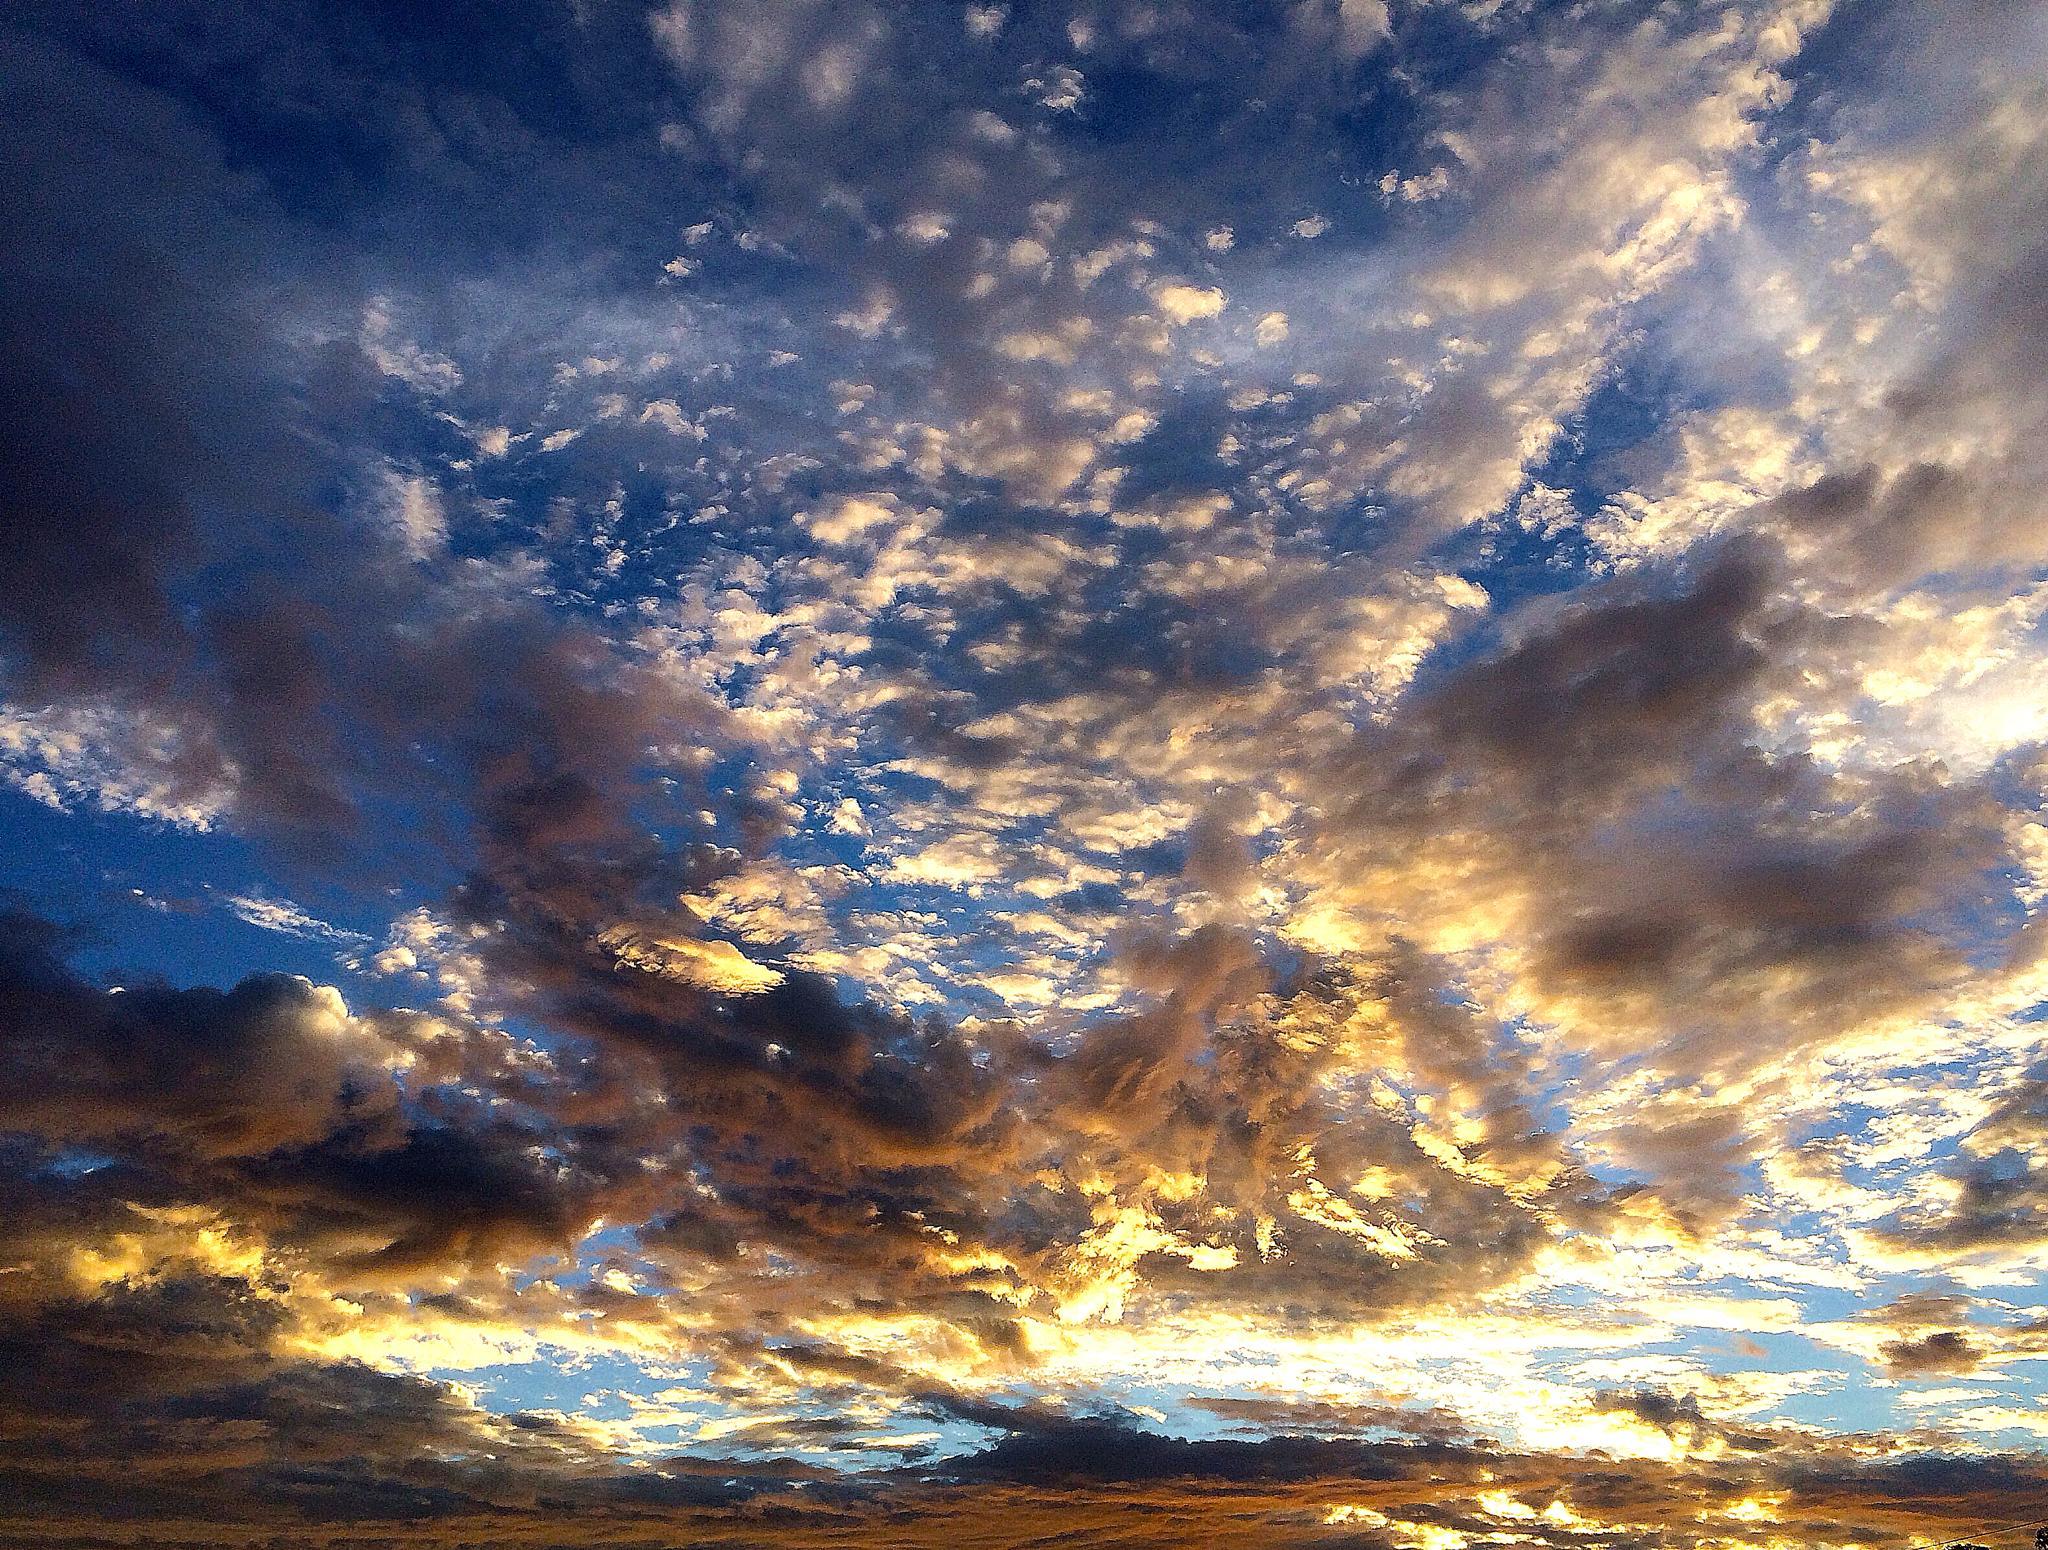 Gold in the Sky by Martha van der Westhuizen